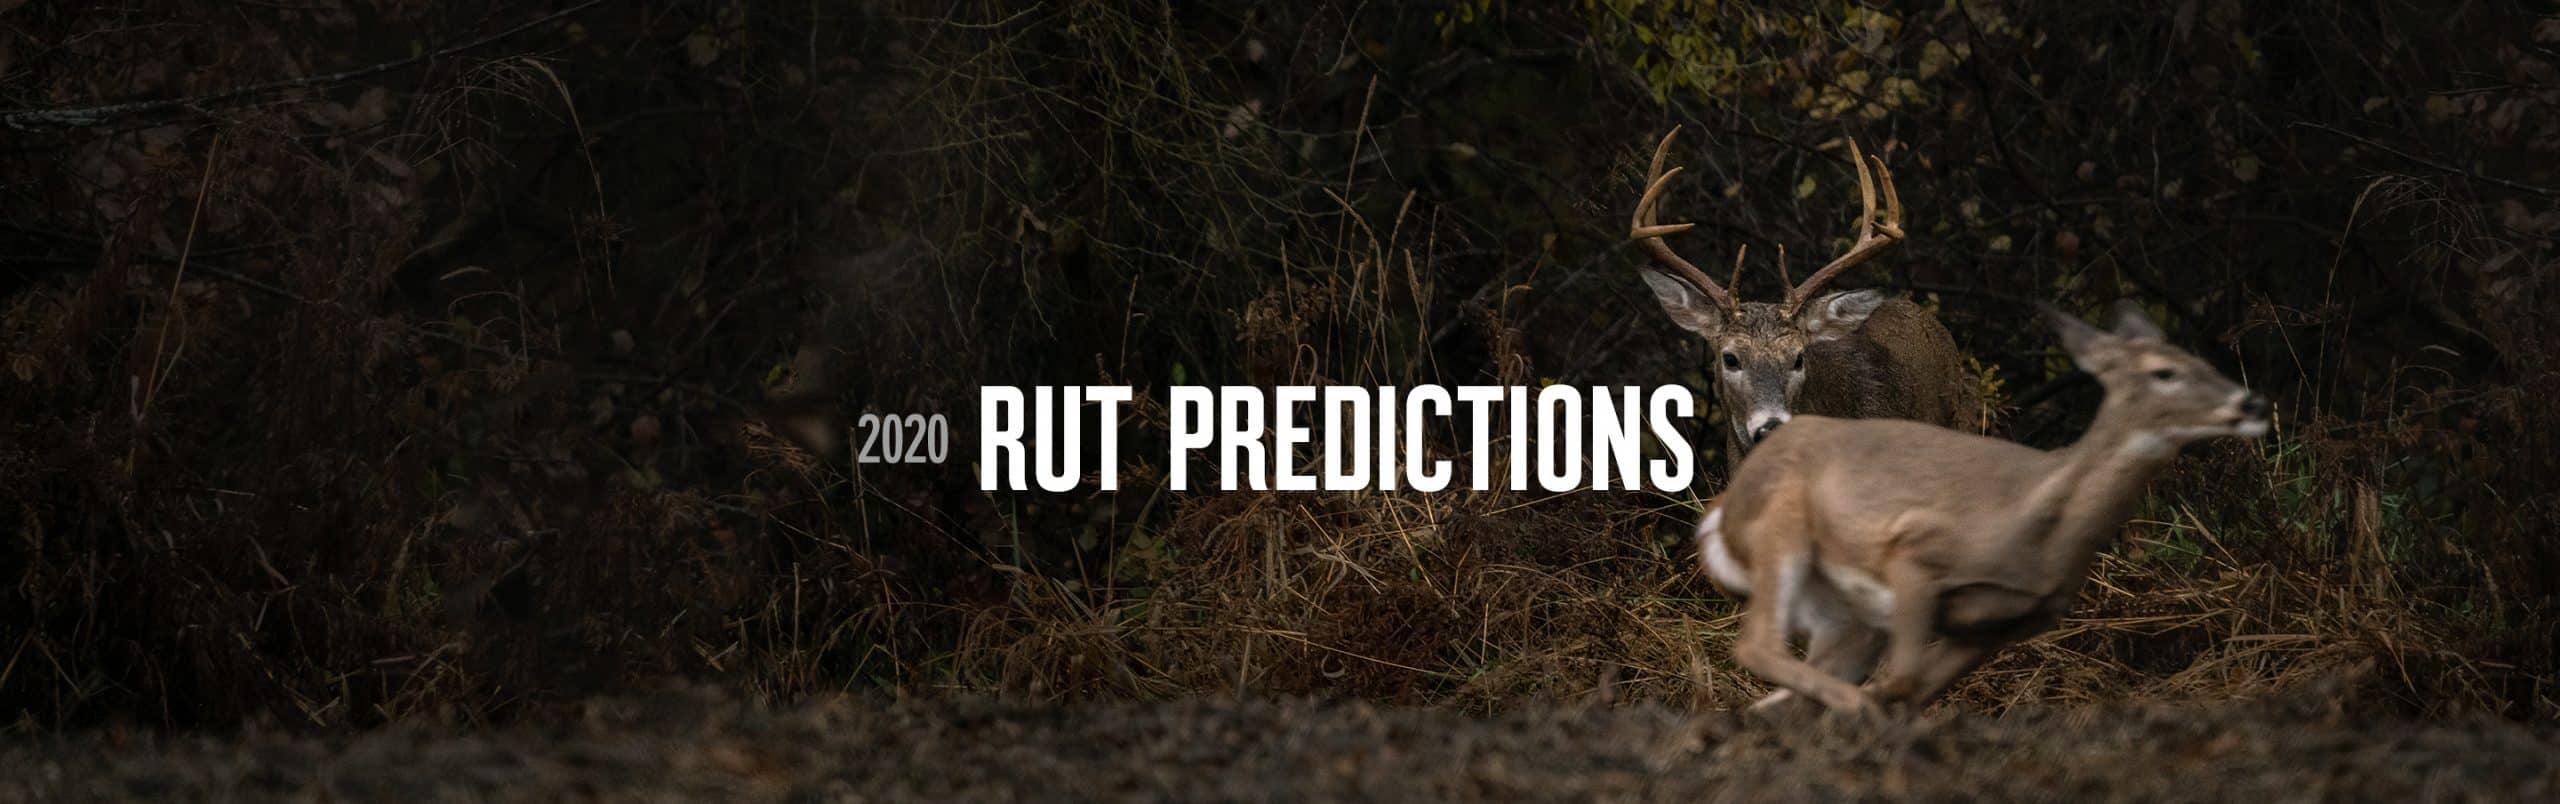 2020 Rut Predictions | Onx Maps regarding 2021 Pa Rut Predictions